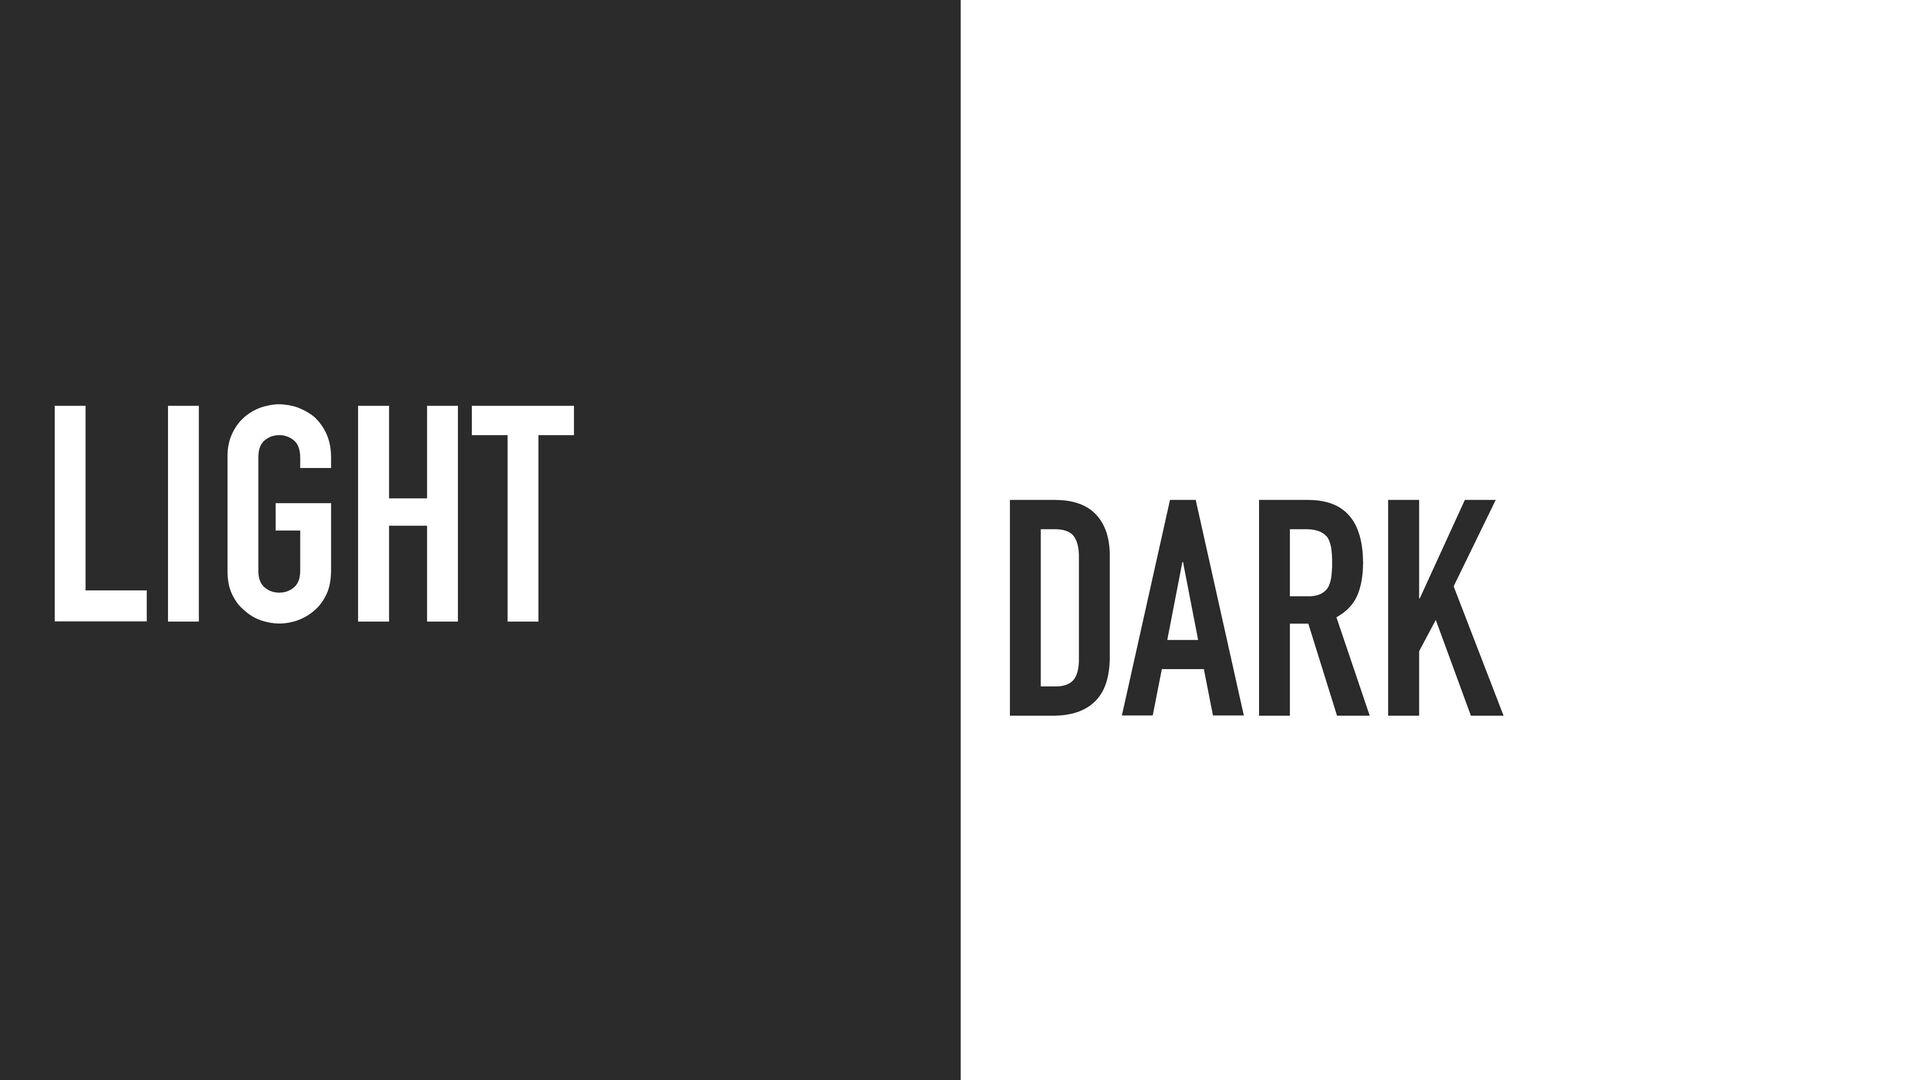 LIGHT DARK